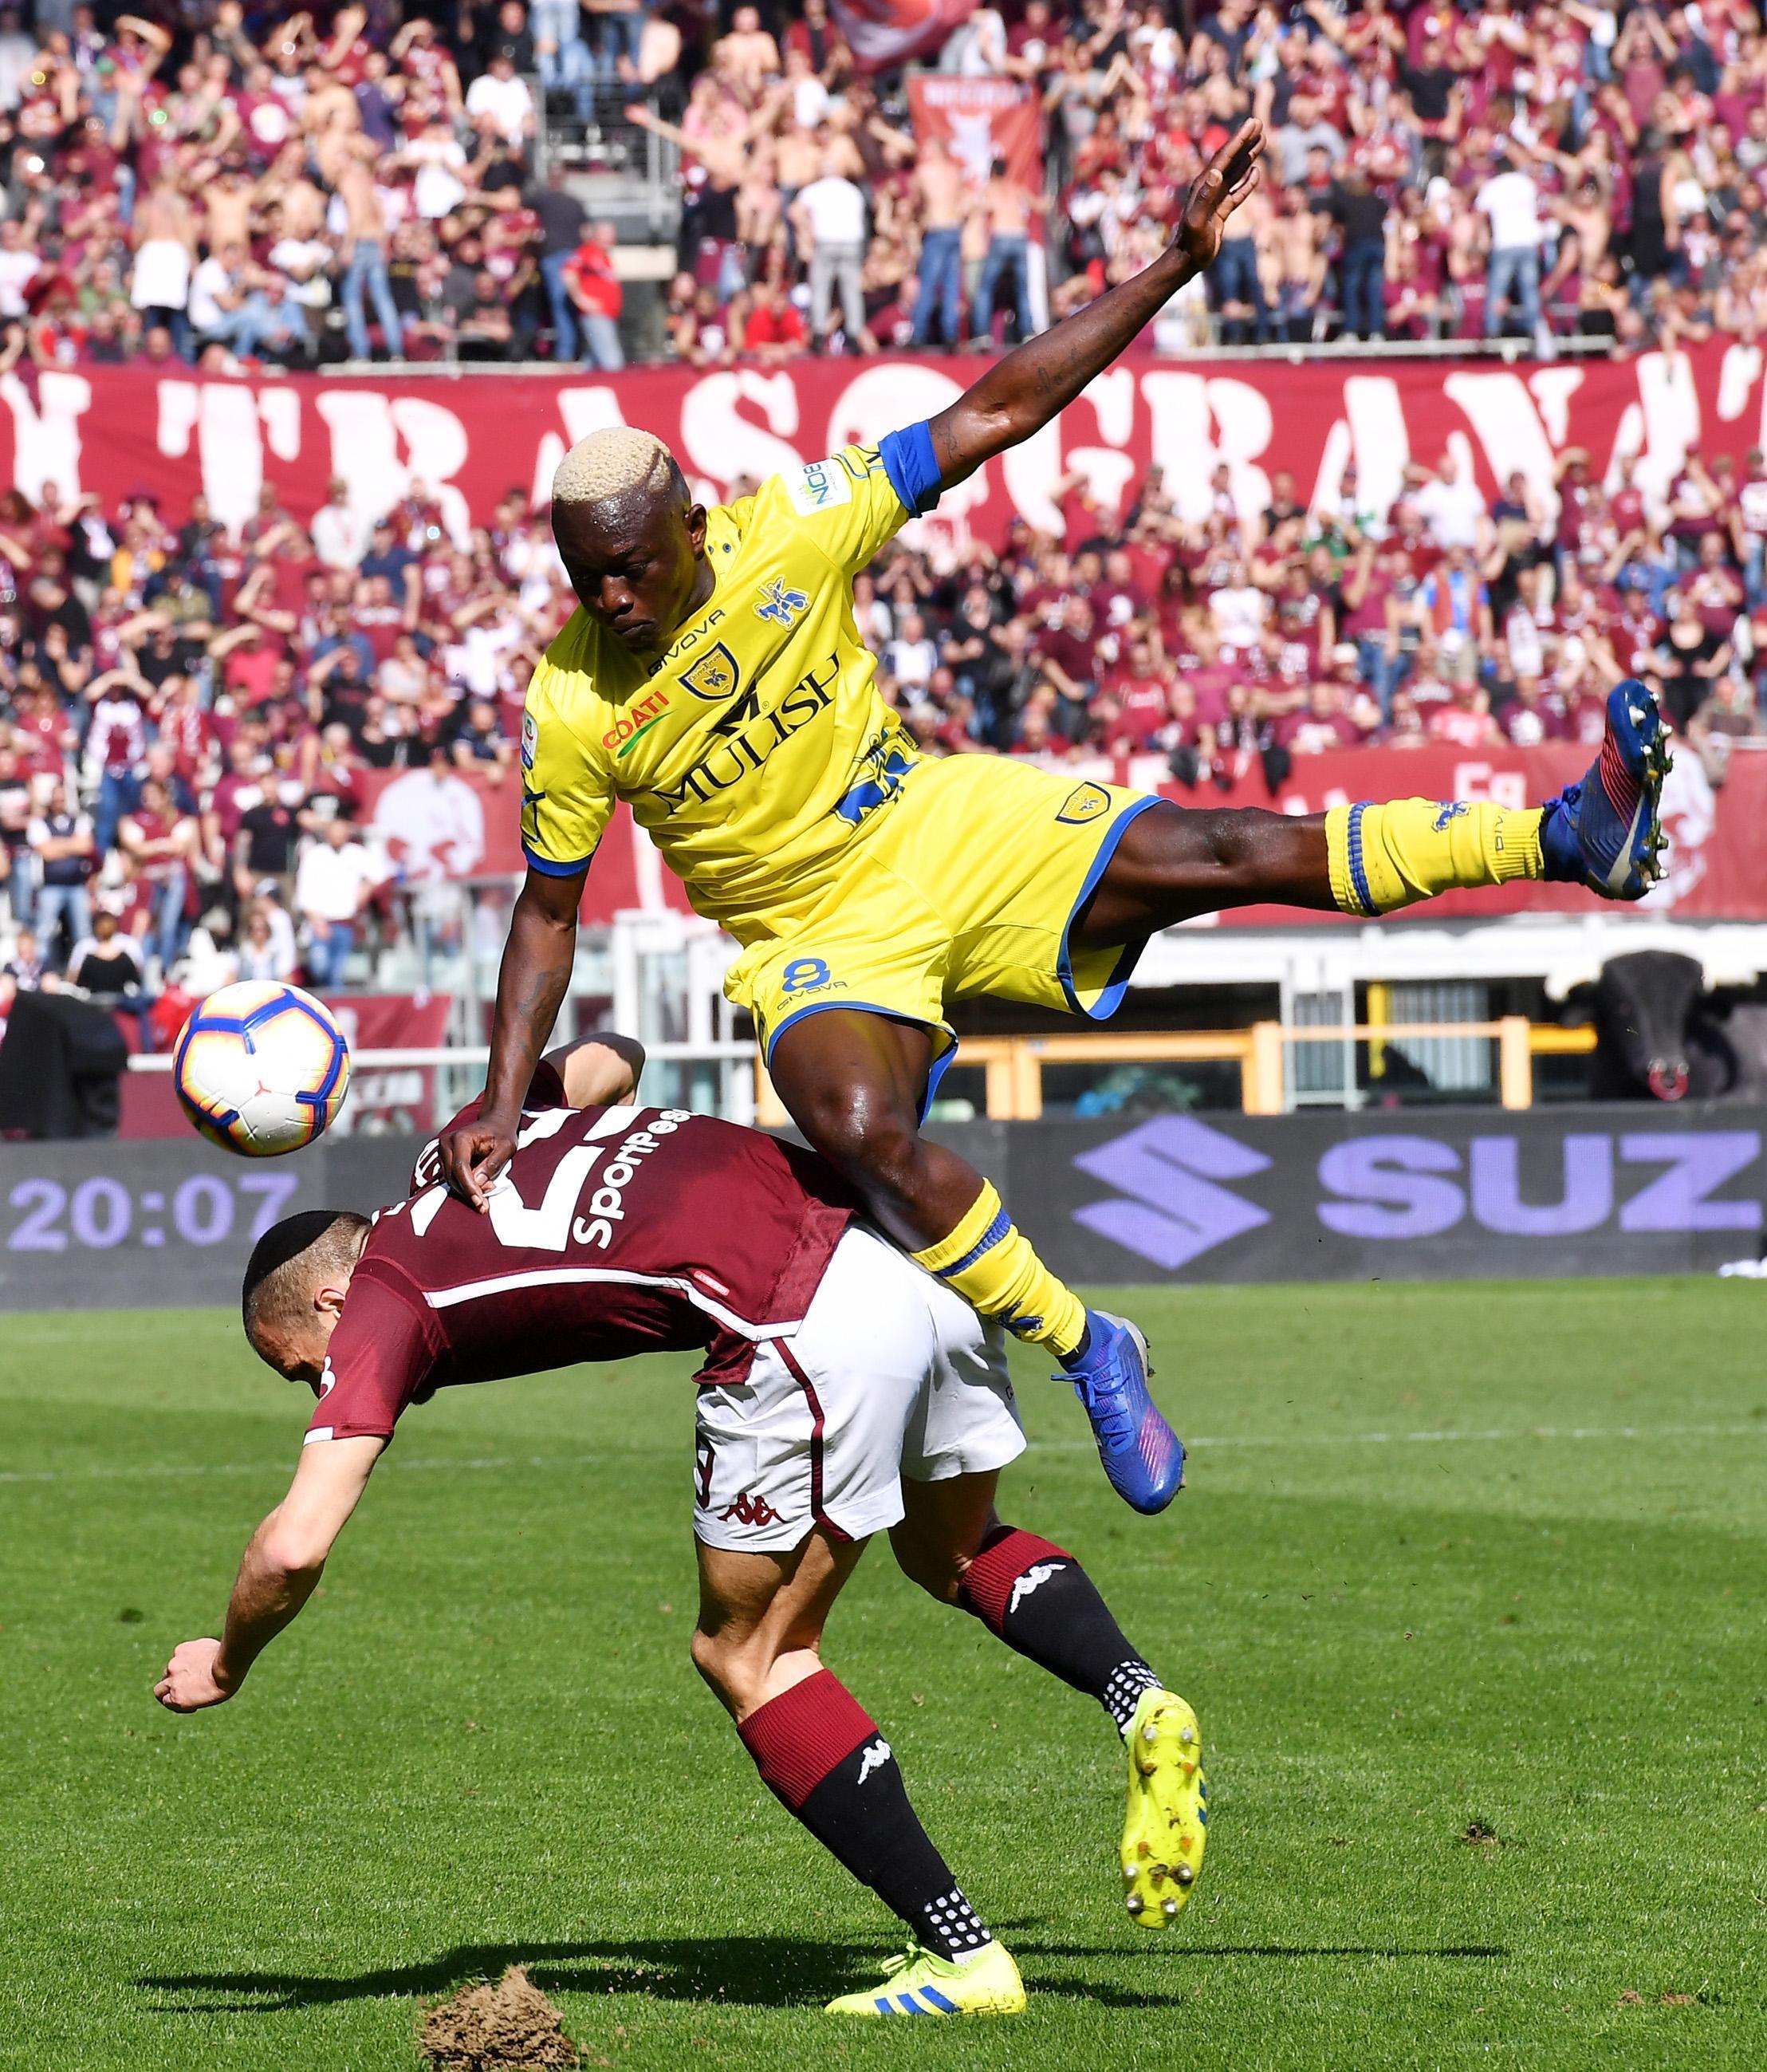 Serie A: Torino-Chievo 3-0